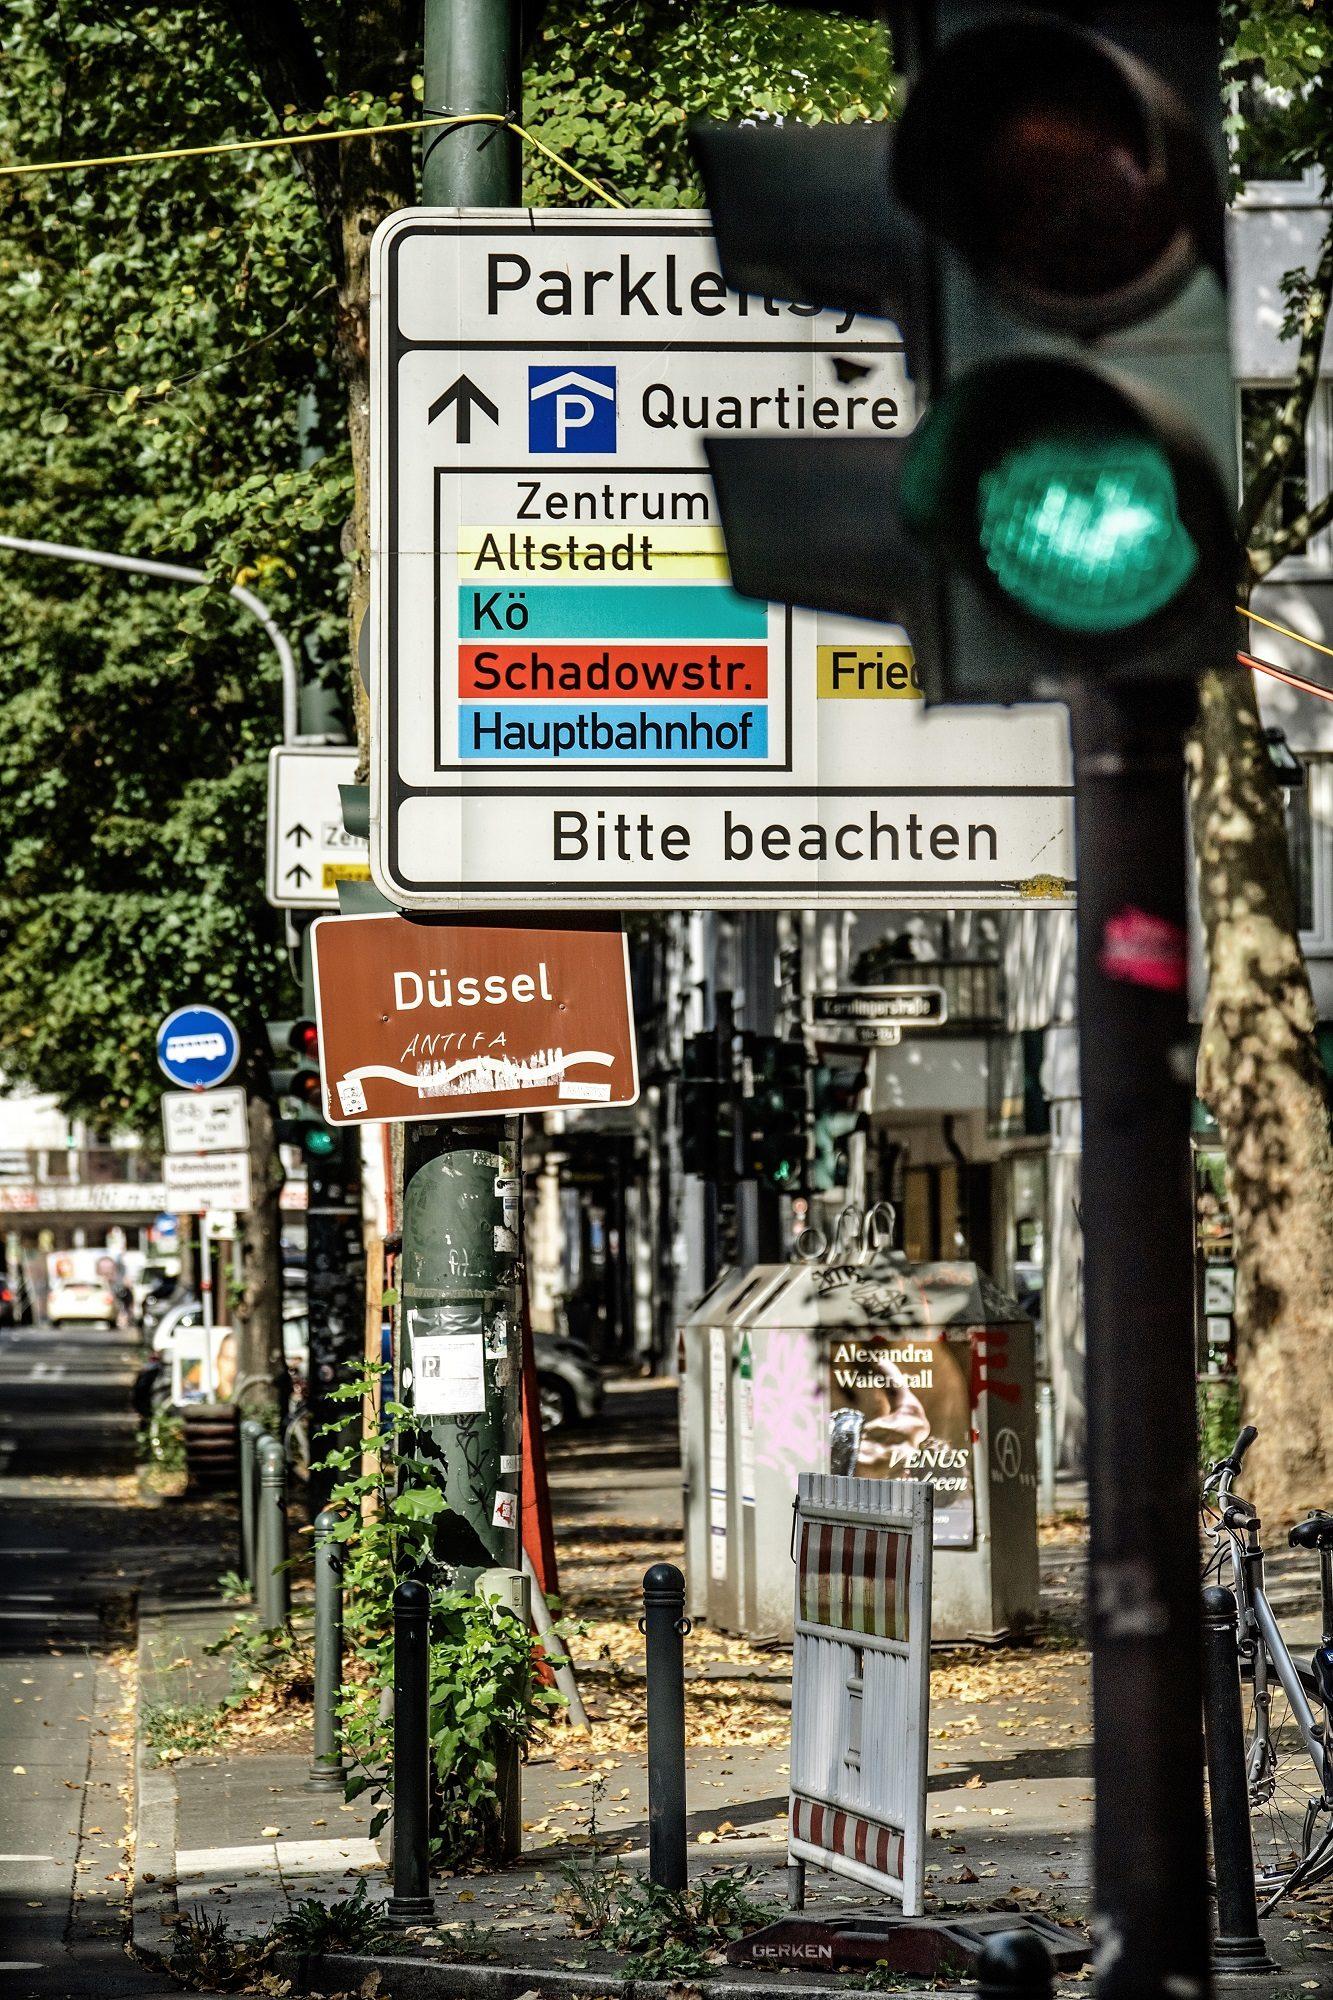 Wer langsam durch die Stadt geht, sieht mehr, hört mehr, erfährt mehr. Das meint auch Fotograf Andreas Endermann, wenn er sich und uns ein Bild macht.